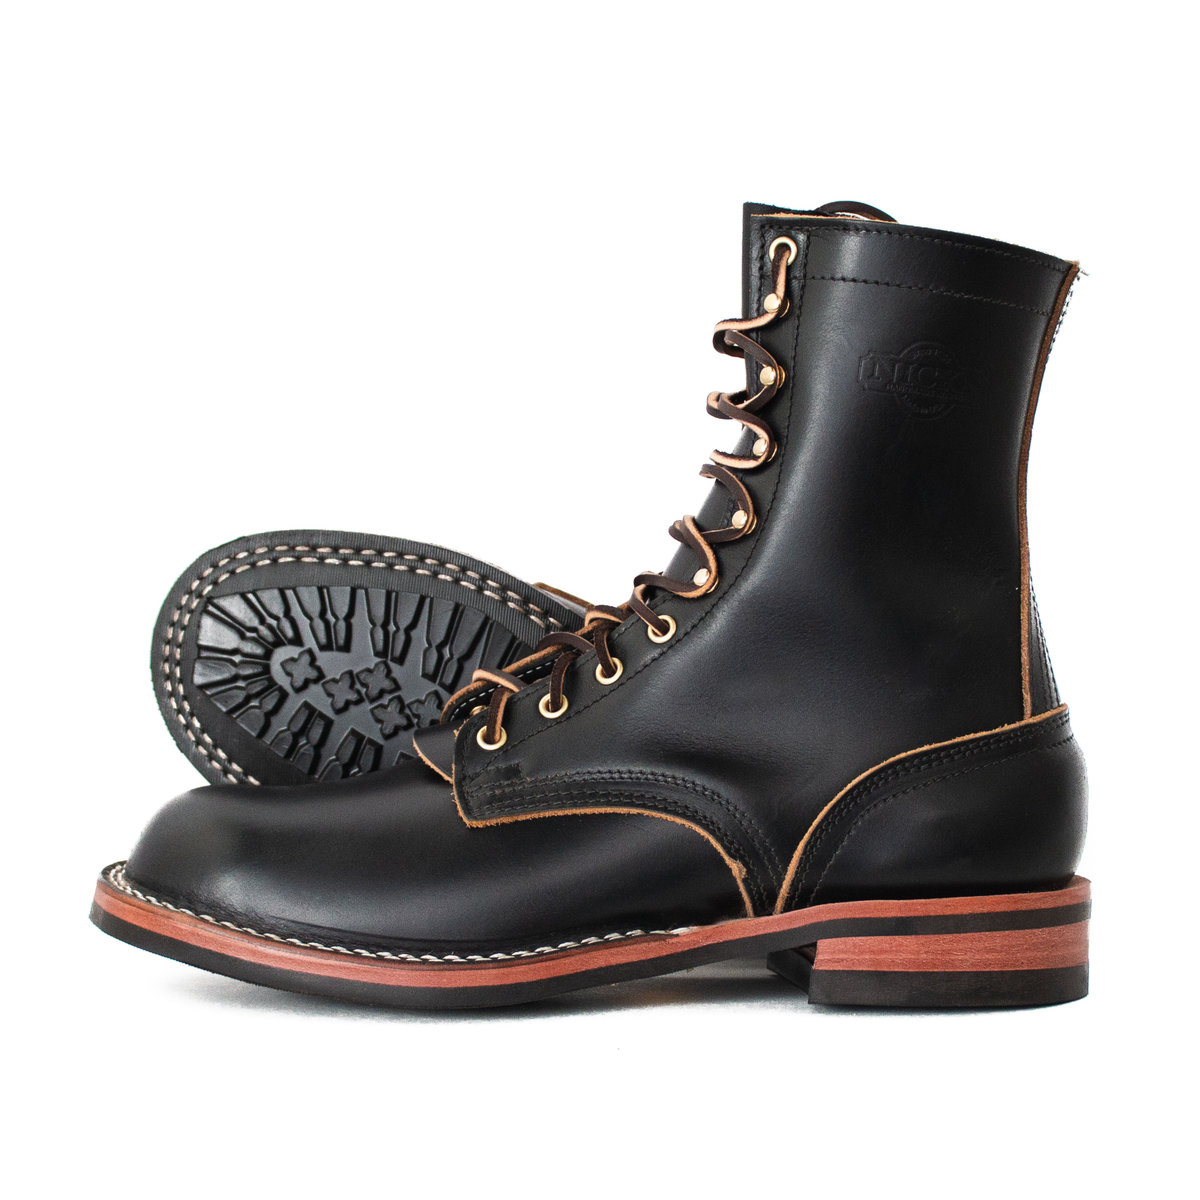 officer-boots-work-nicks-1.jpg